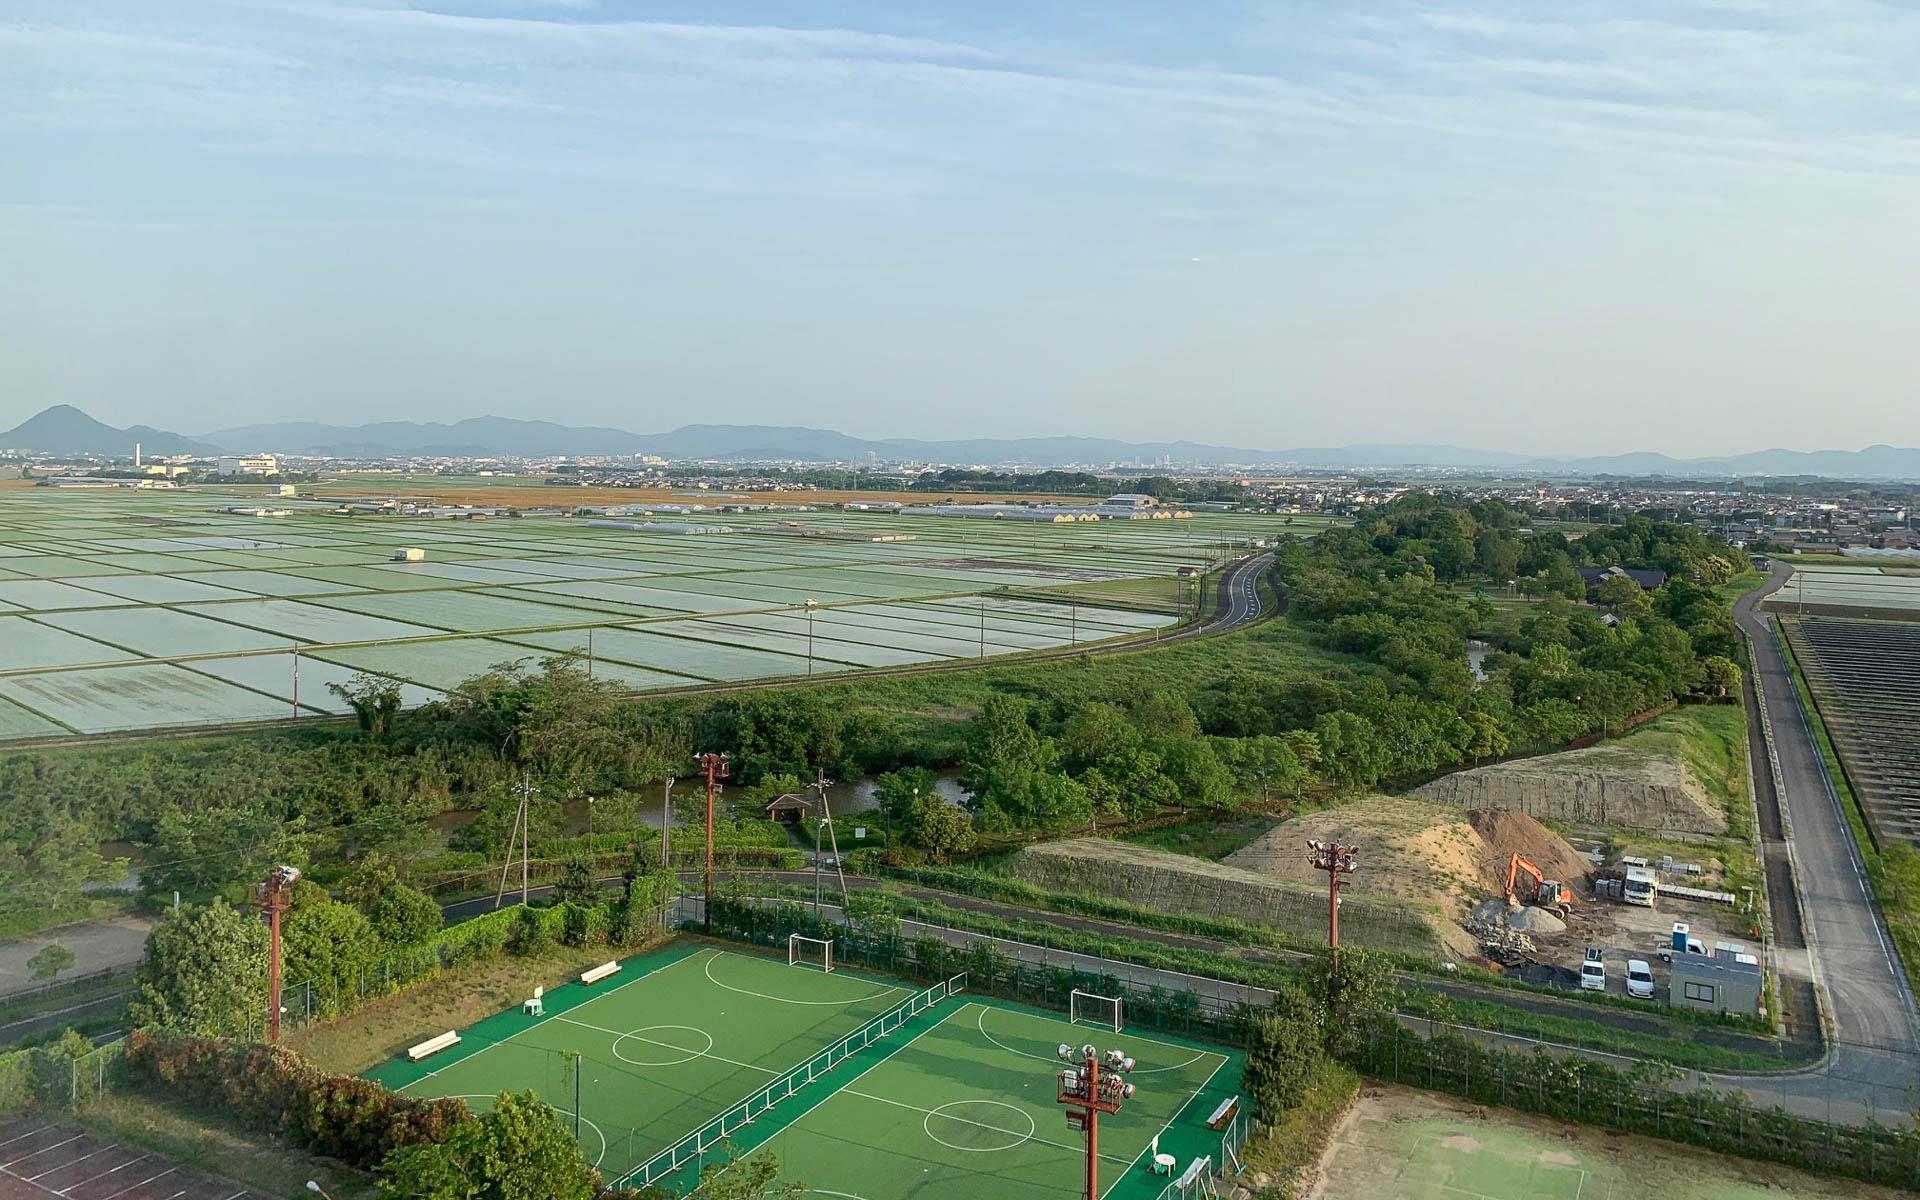 琵琶湖周辺の穏やかに広がる田園地帯